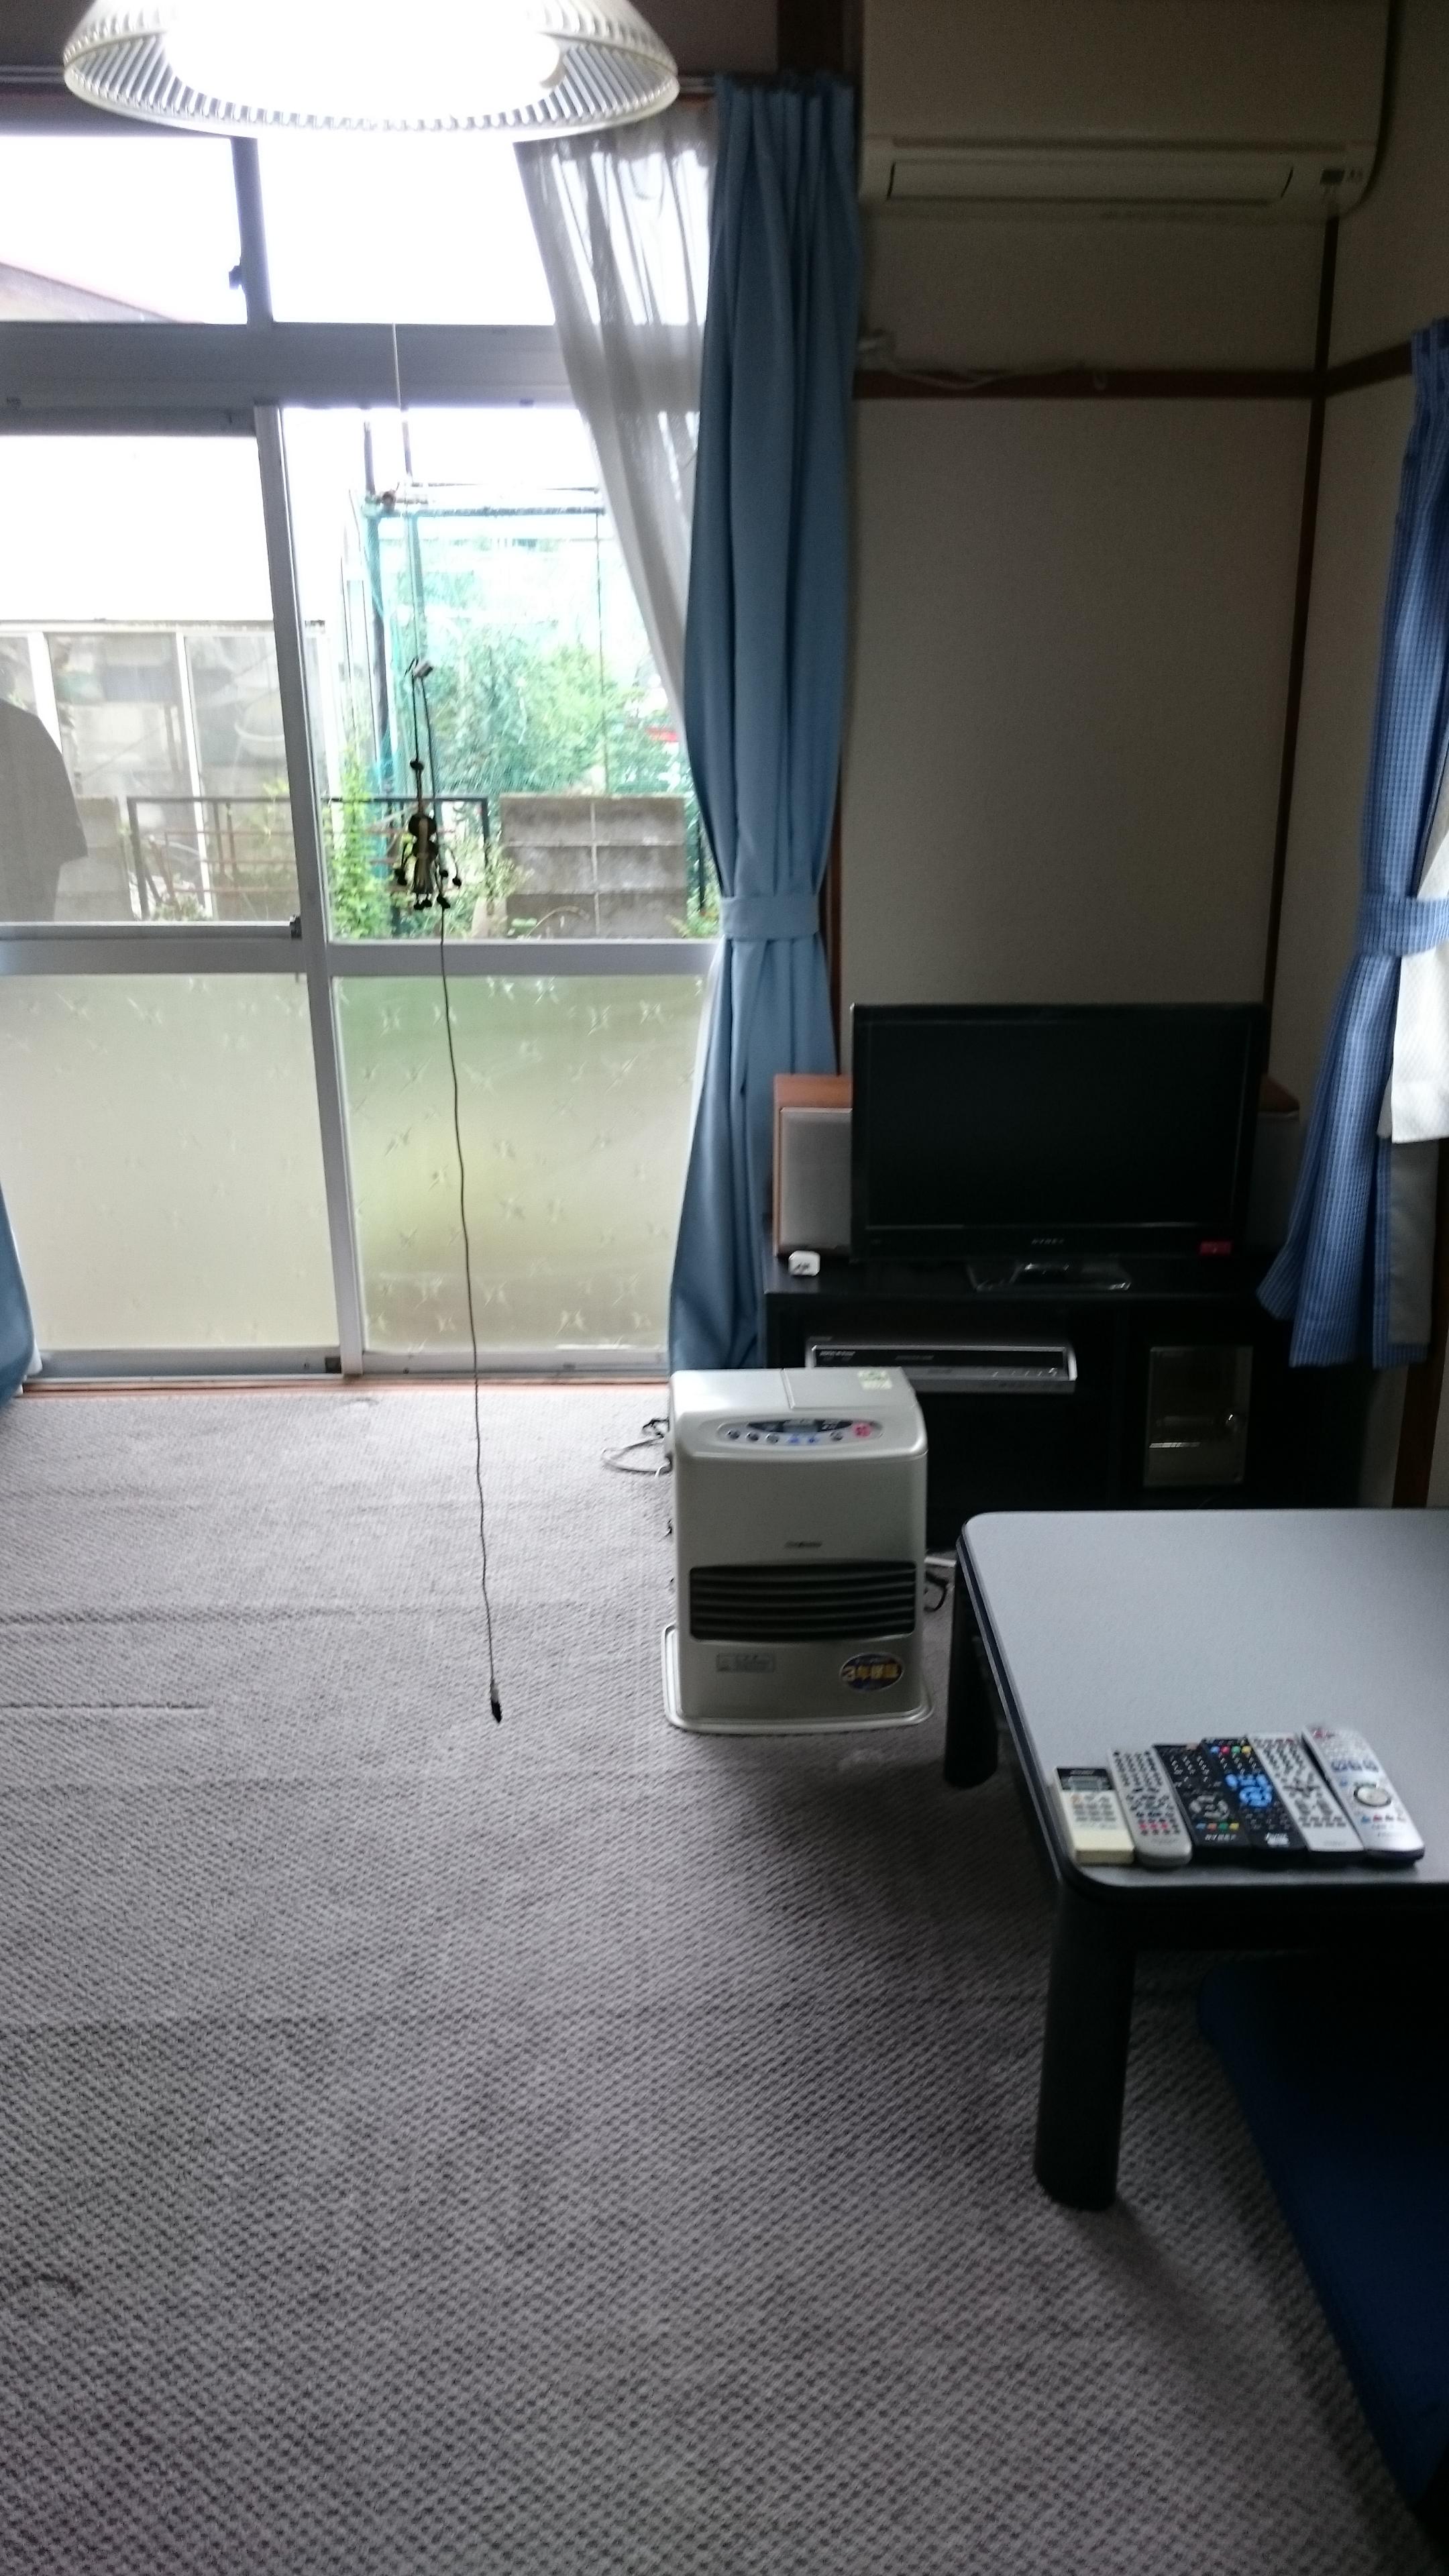 不用品も片付き整理整頓されたお部屋